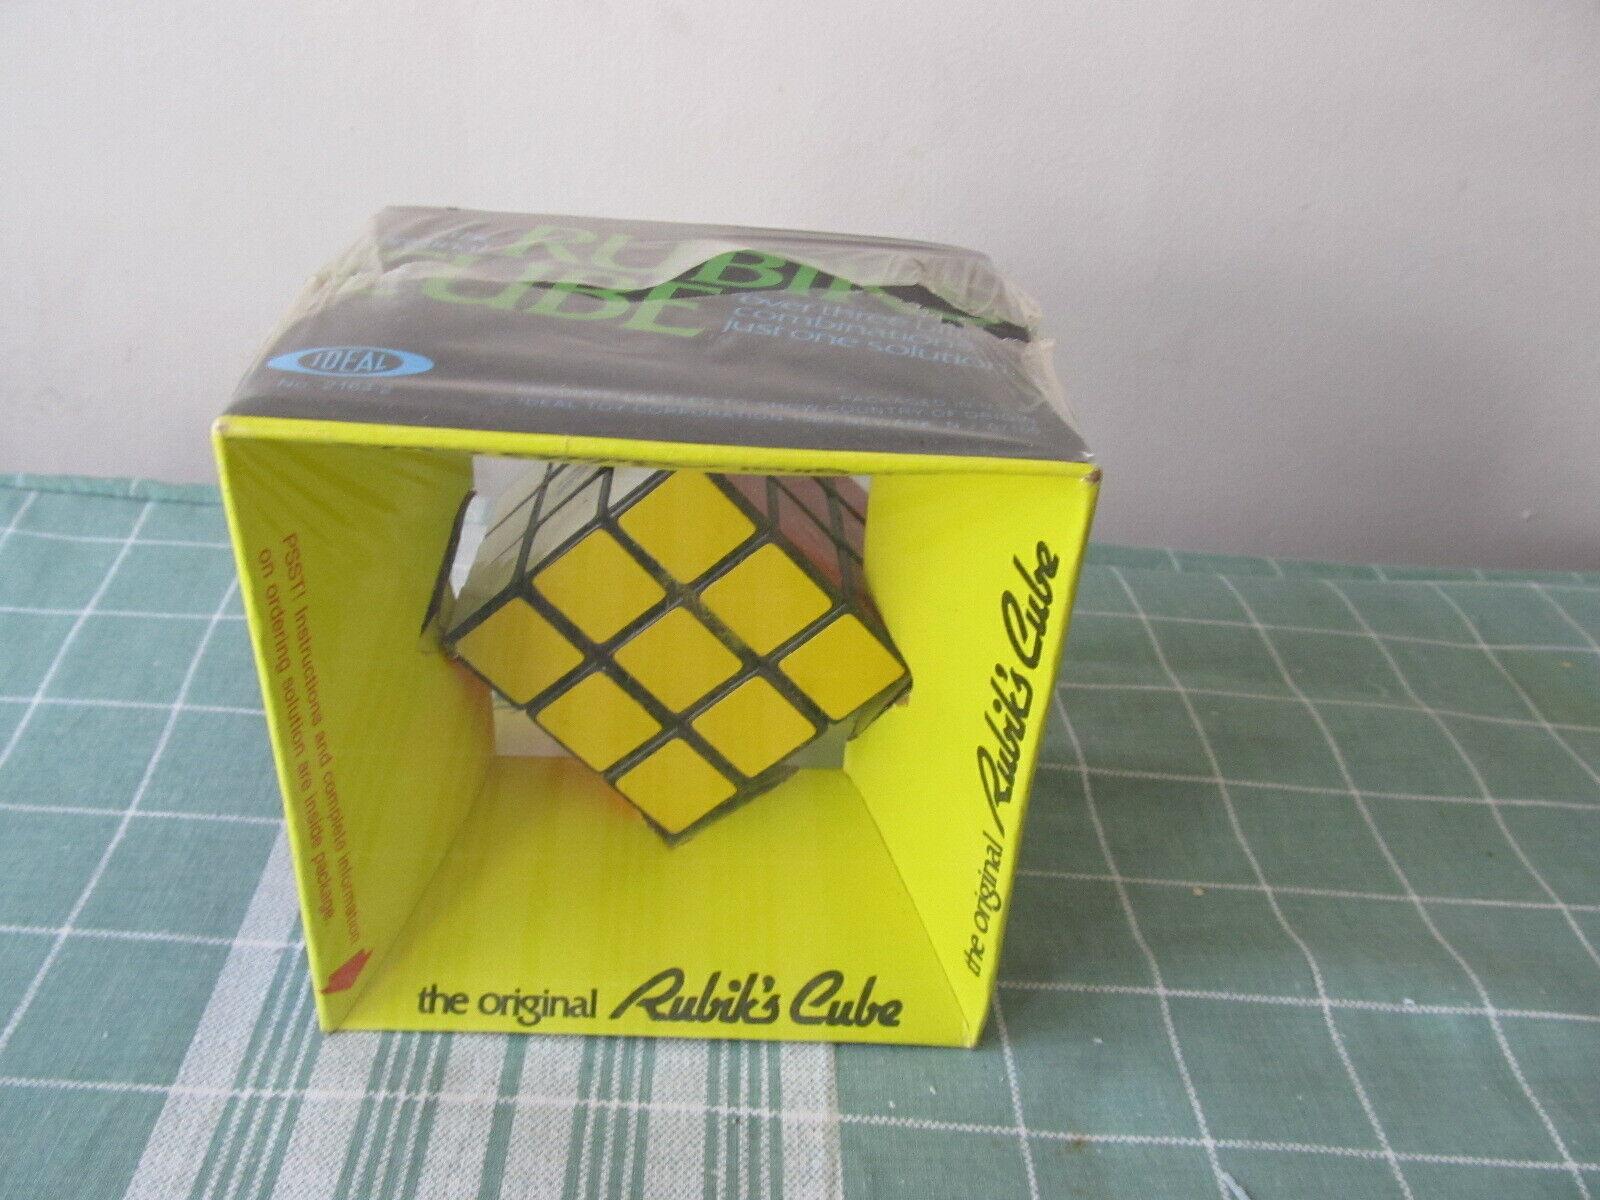 Idéal de  L' ORIGINAL  Rubik's Cube Neuf Sous Emballage